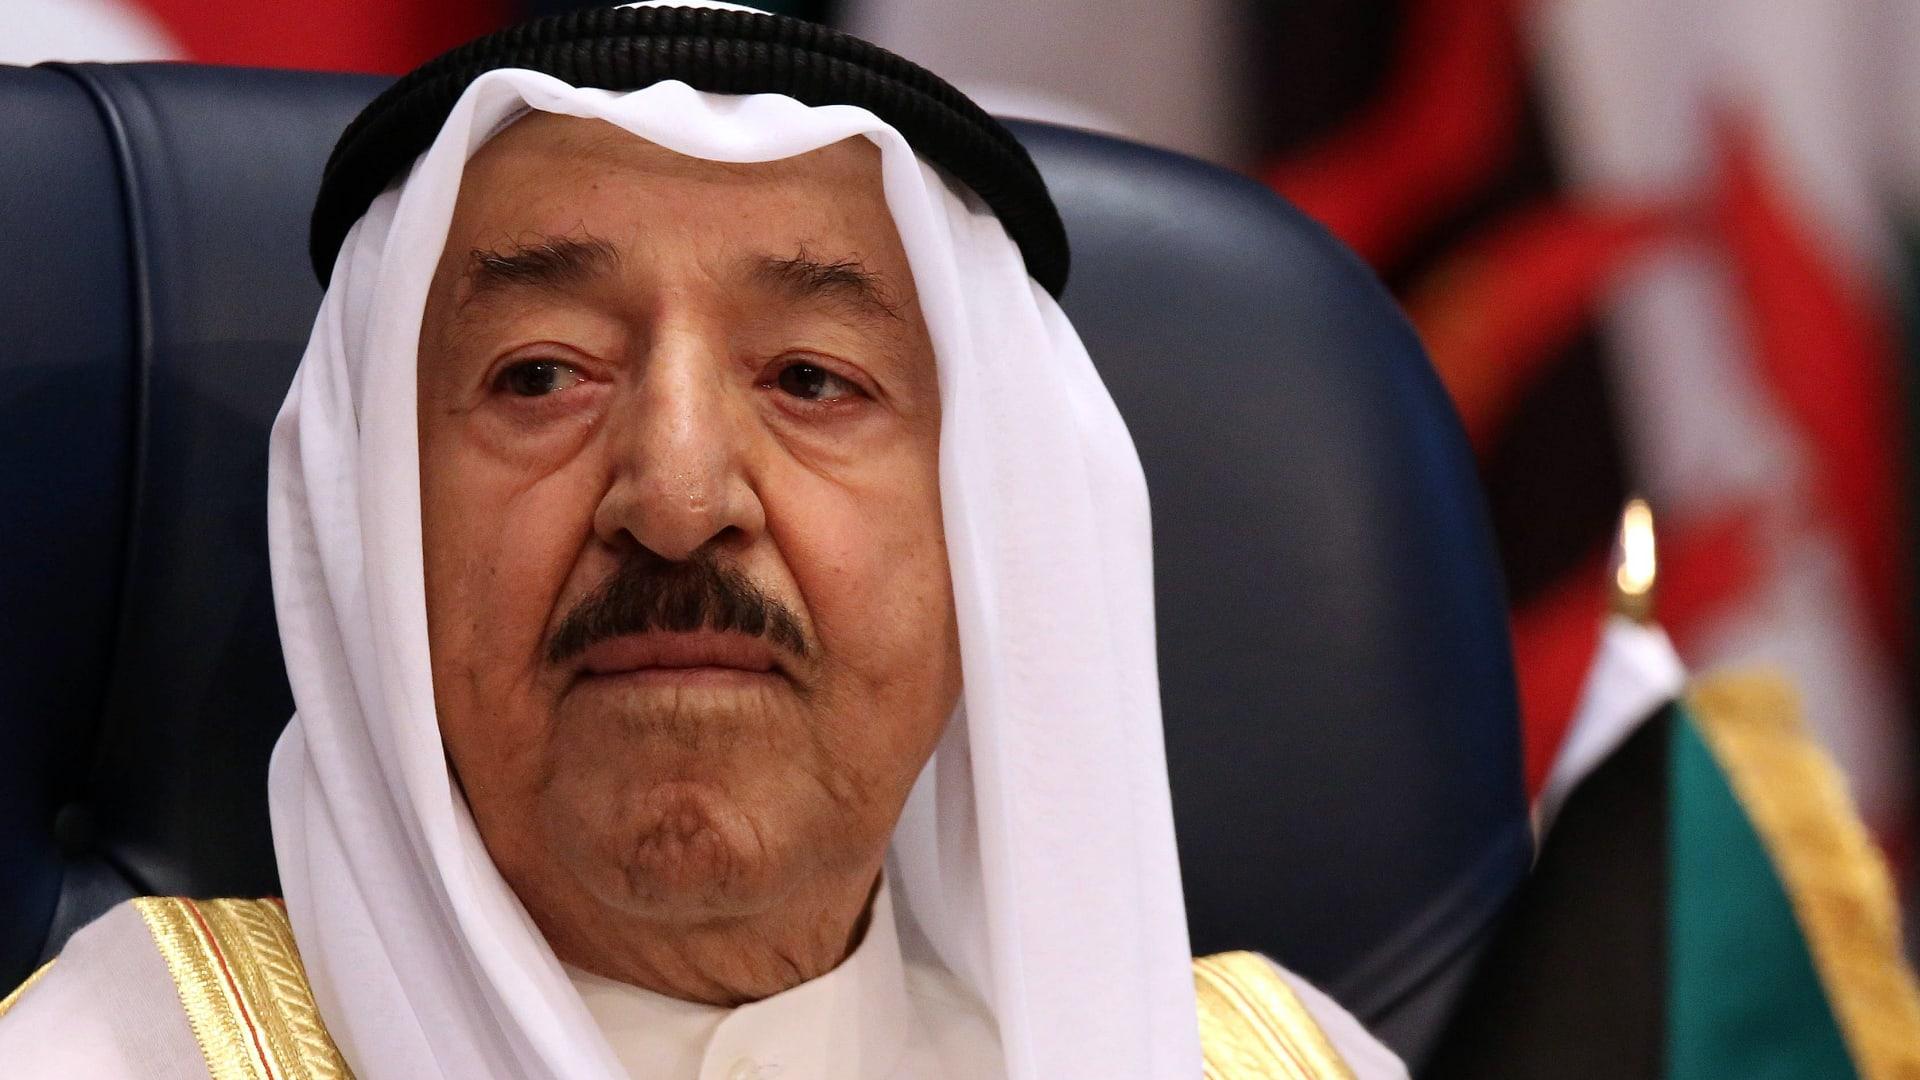 """بعد أزمة """"تسريبات خيمة القذافي"""".. الديوان الأميري الكويتي: ما قاله """"الدويلة"""" غير صحيح"""